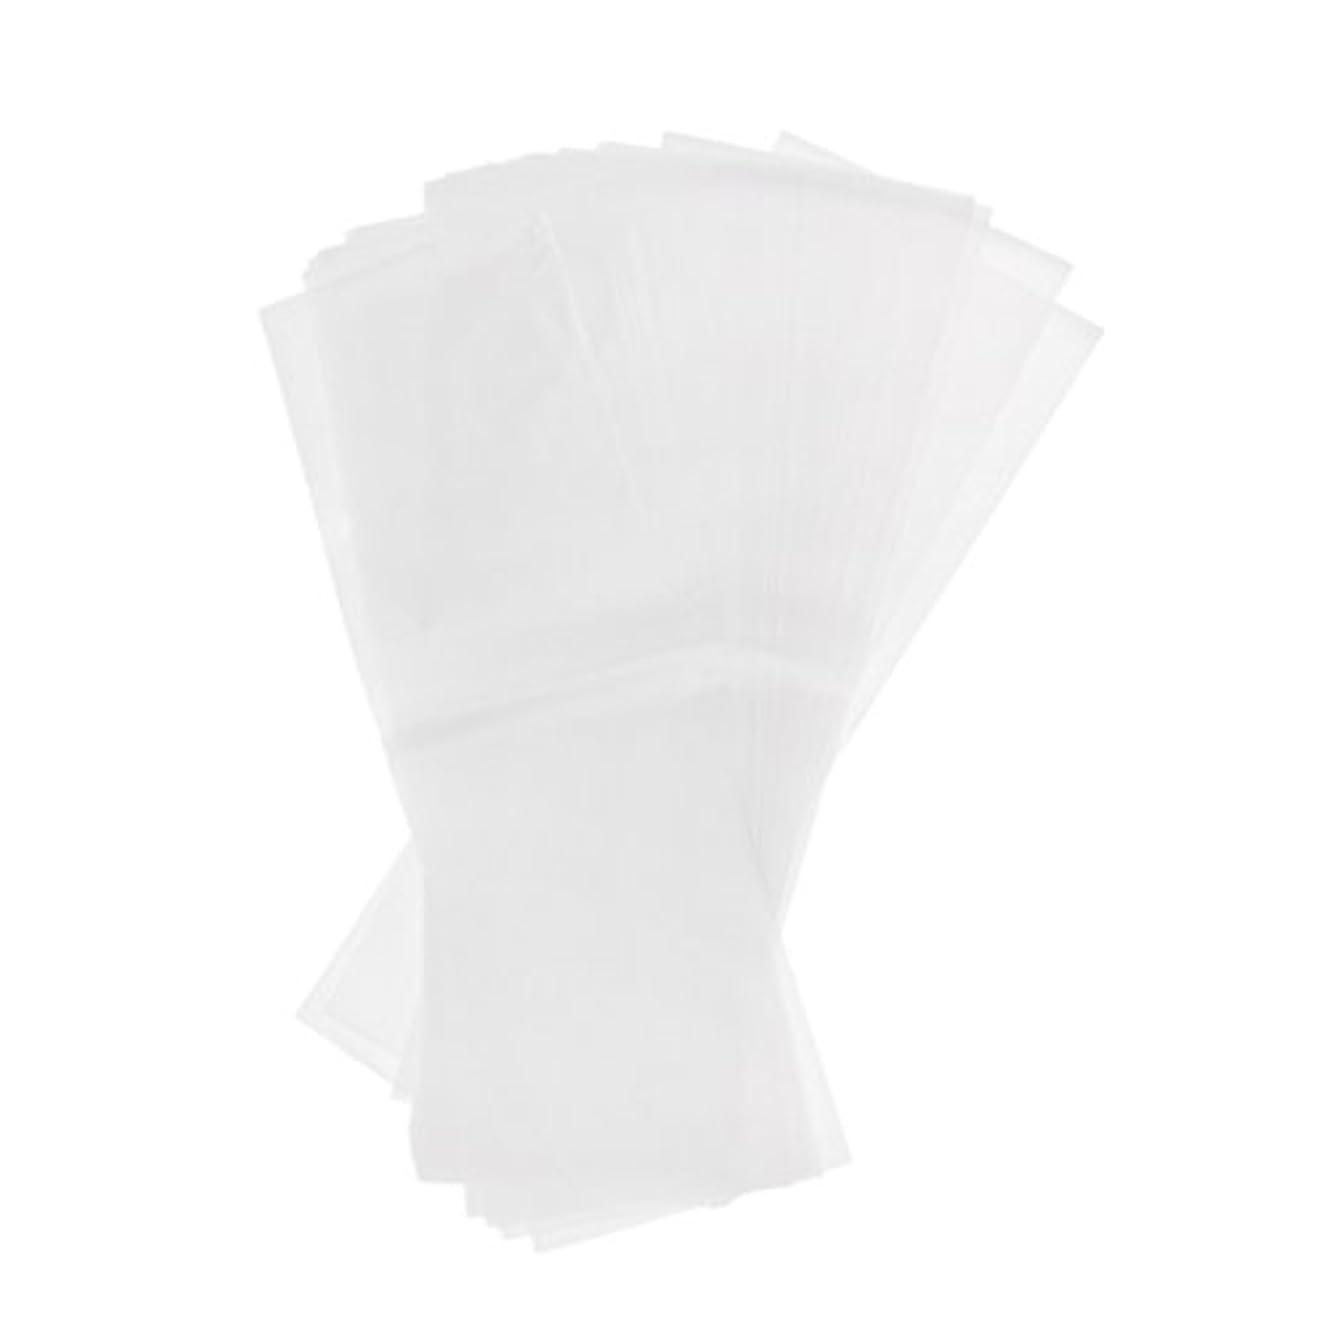 好奇心盛福祉びっくりKesoto 約50枚 プラスチック製 染毛紙 ハイライト サロン 毛染め紙 ハイライトシート 再利用可能 2仕様選べ - ホワイト